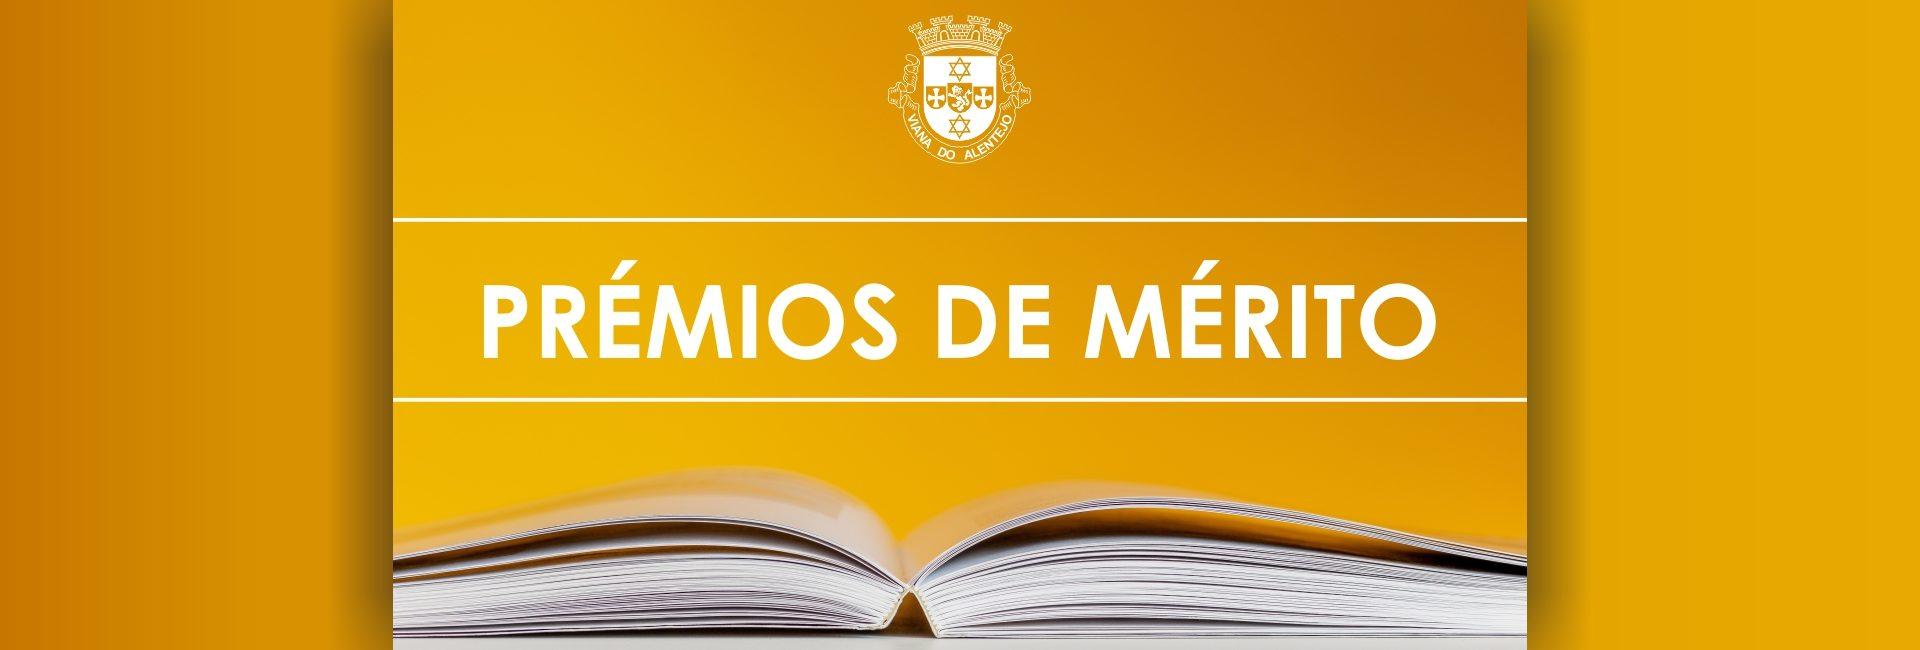 premios_merito_site